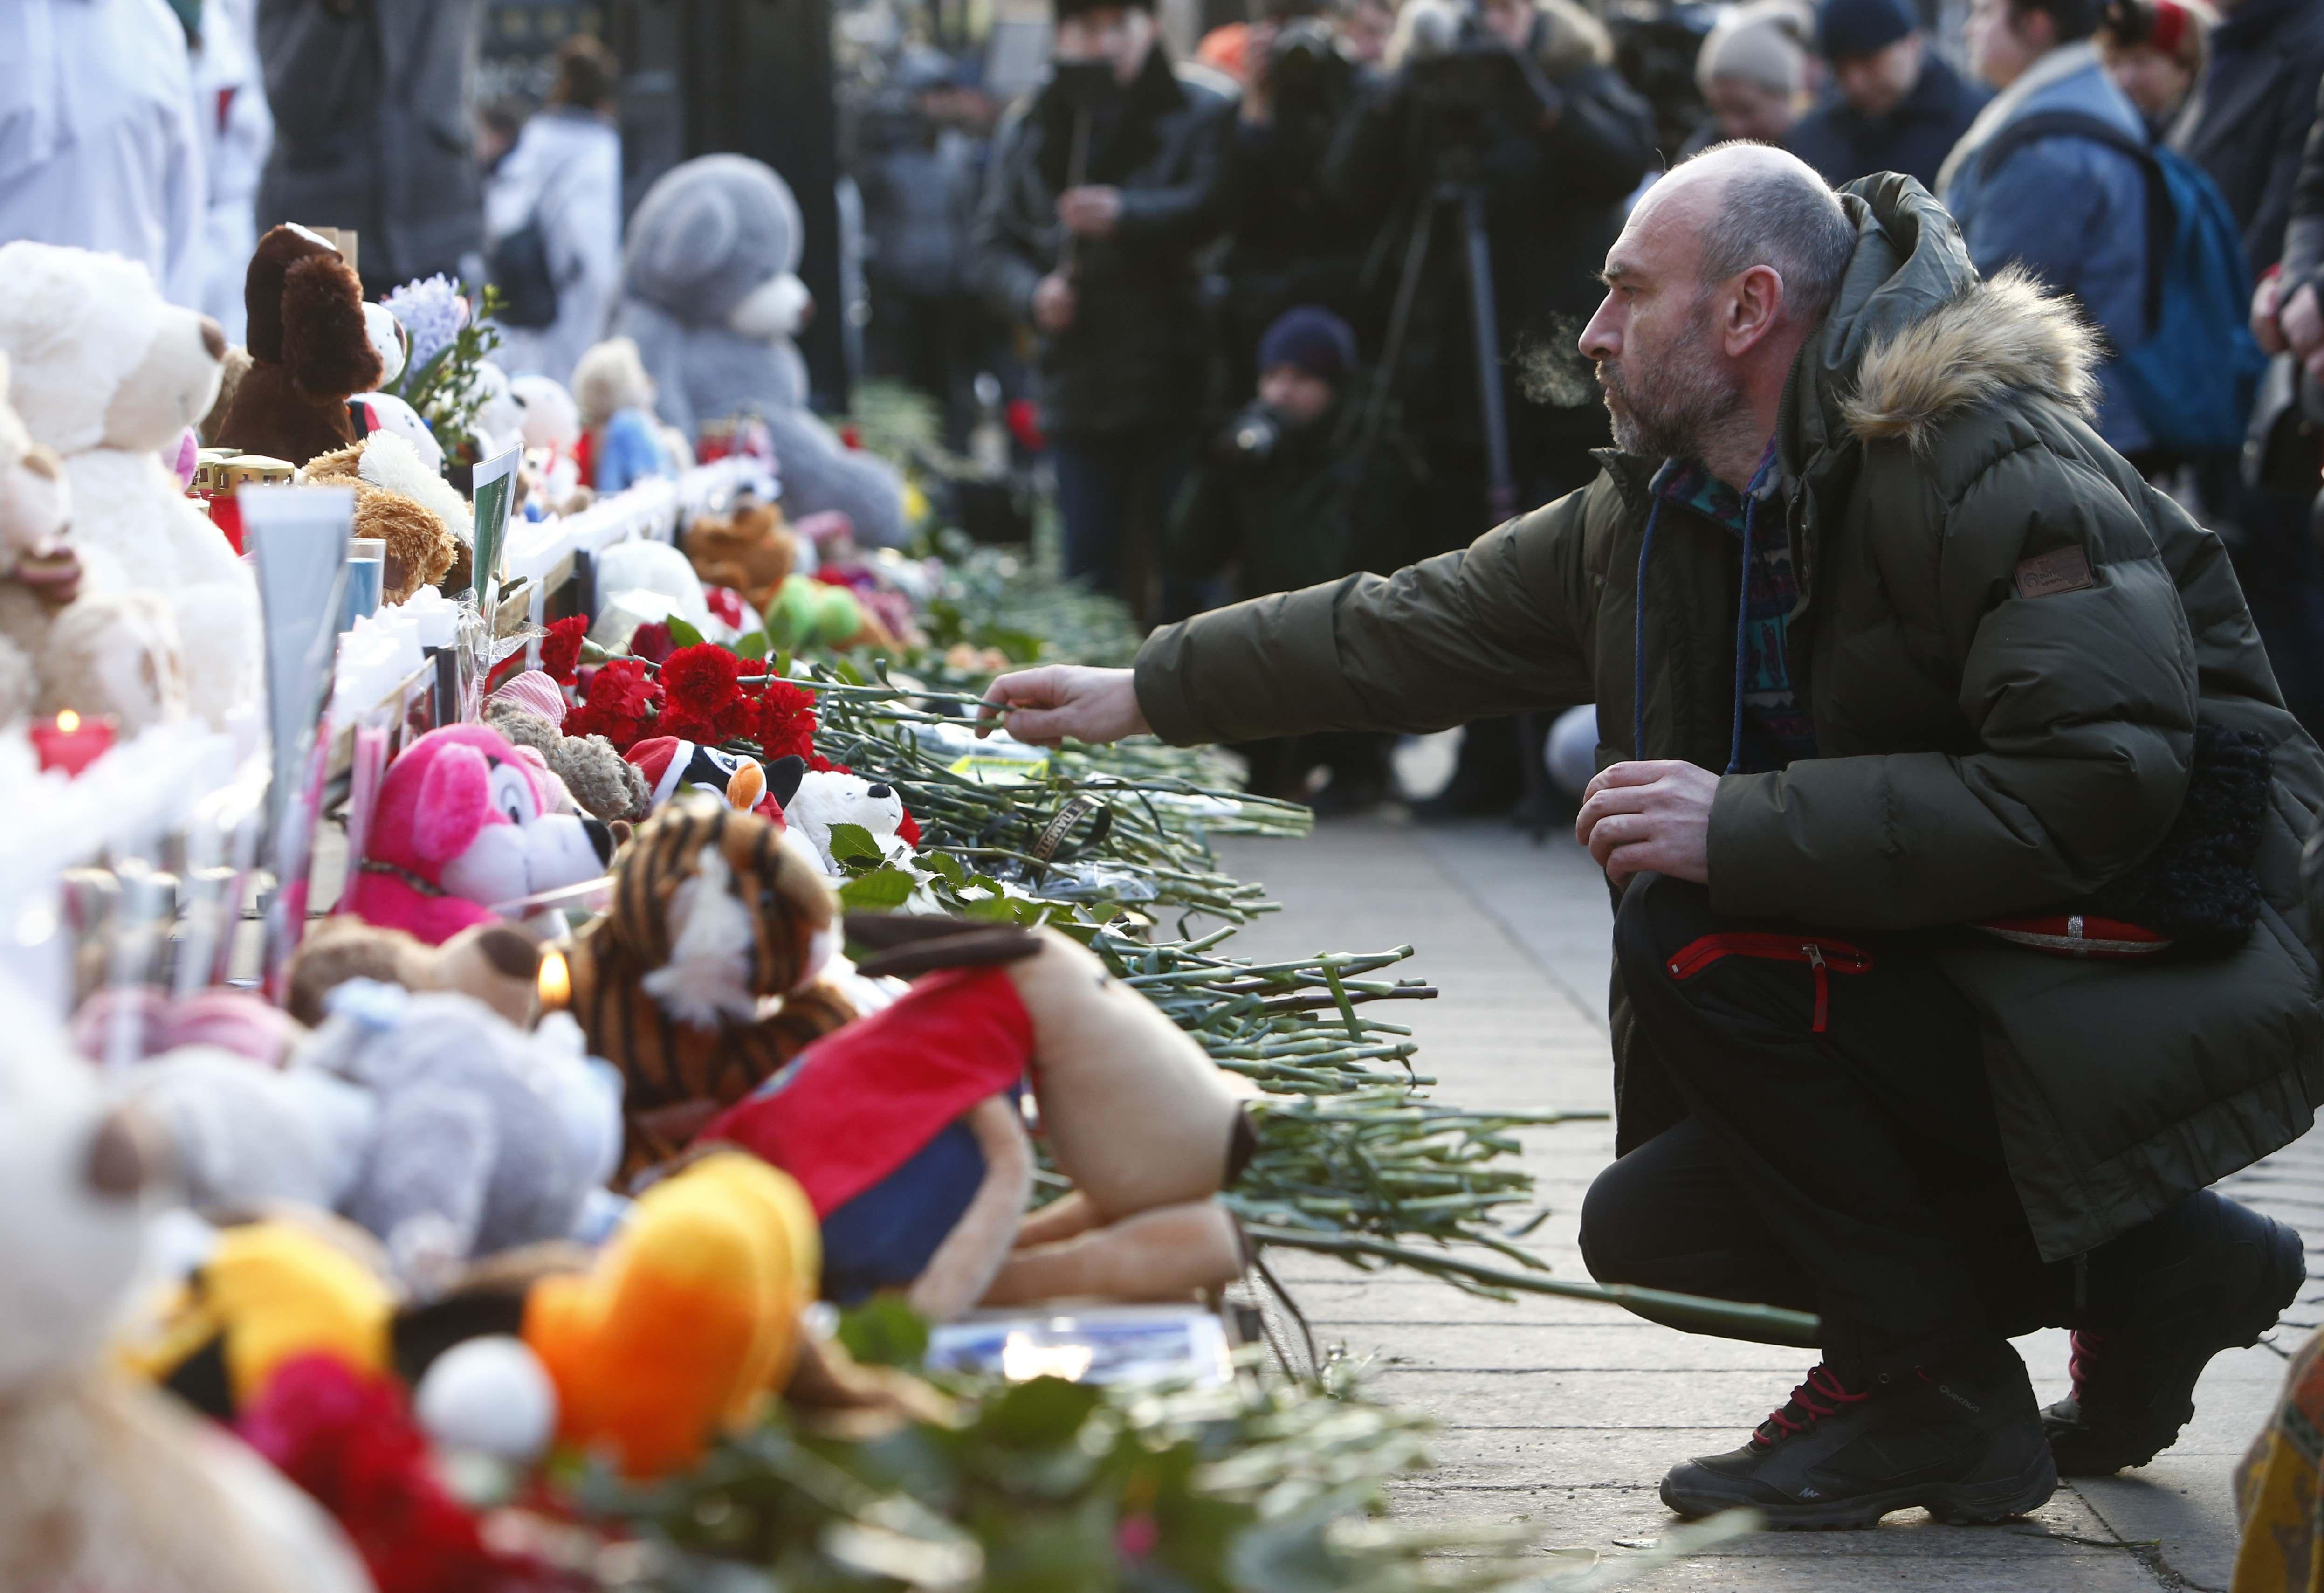 (REUTERS/Sergei Karpukhin)